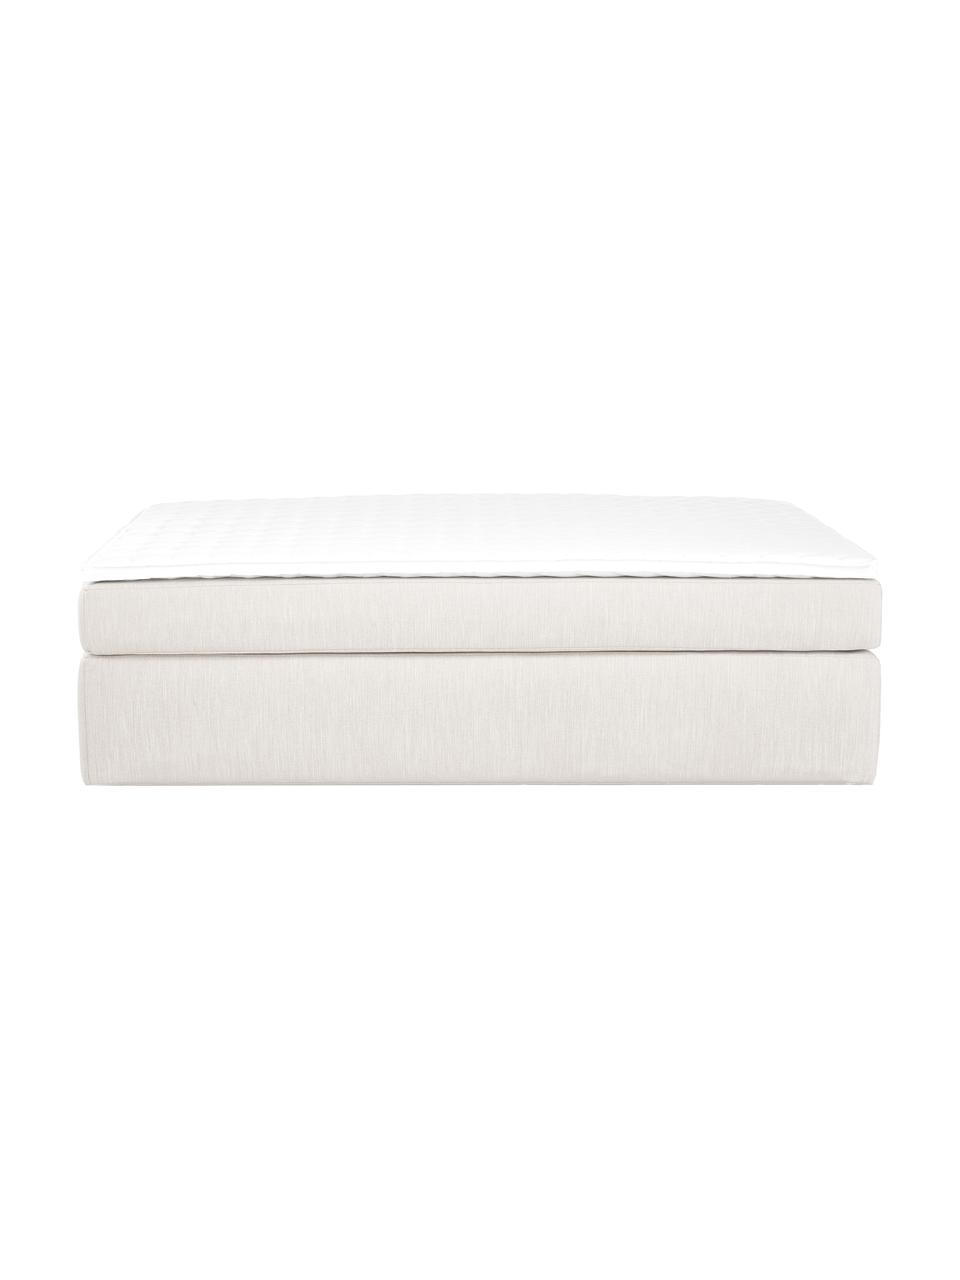 Lit à sommier tapissier beige clair sans tête de lit Enya, Tissu beige clair